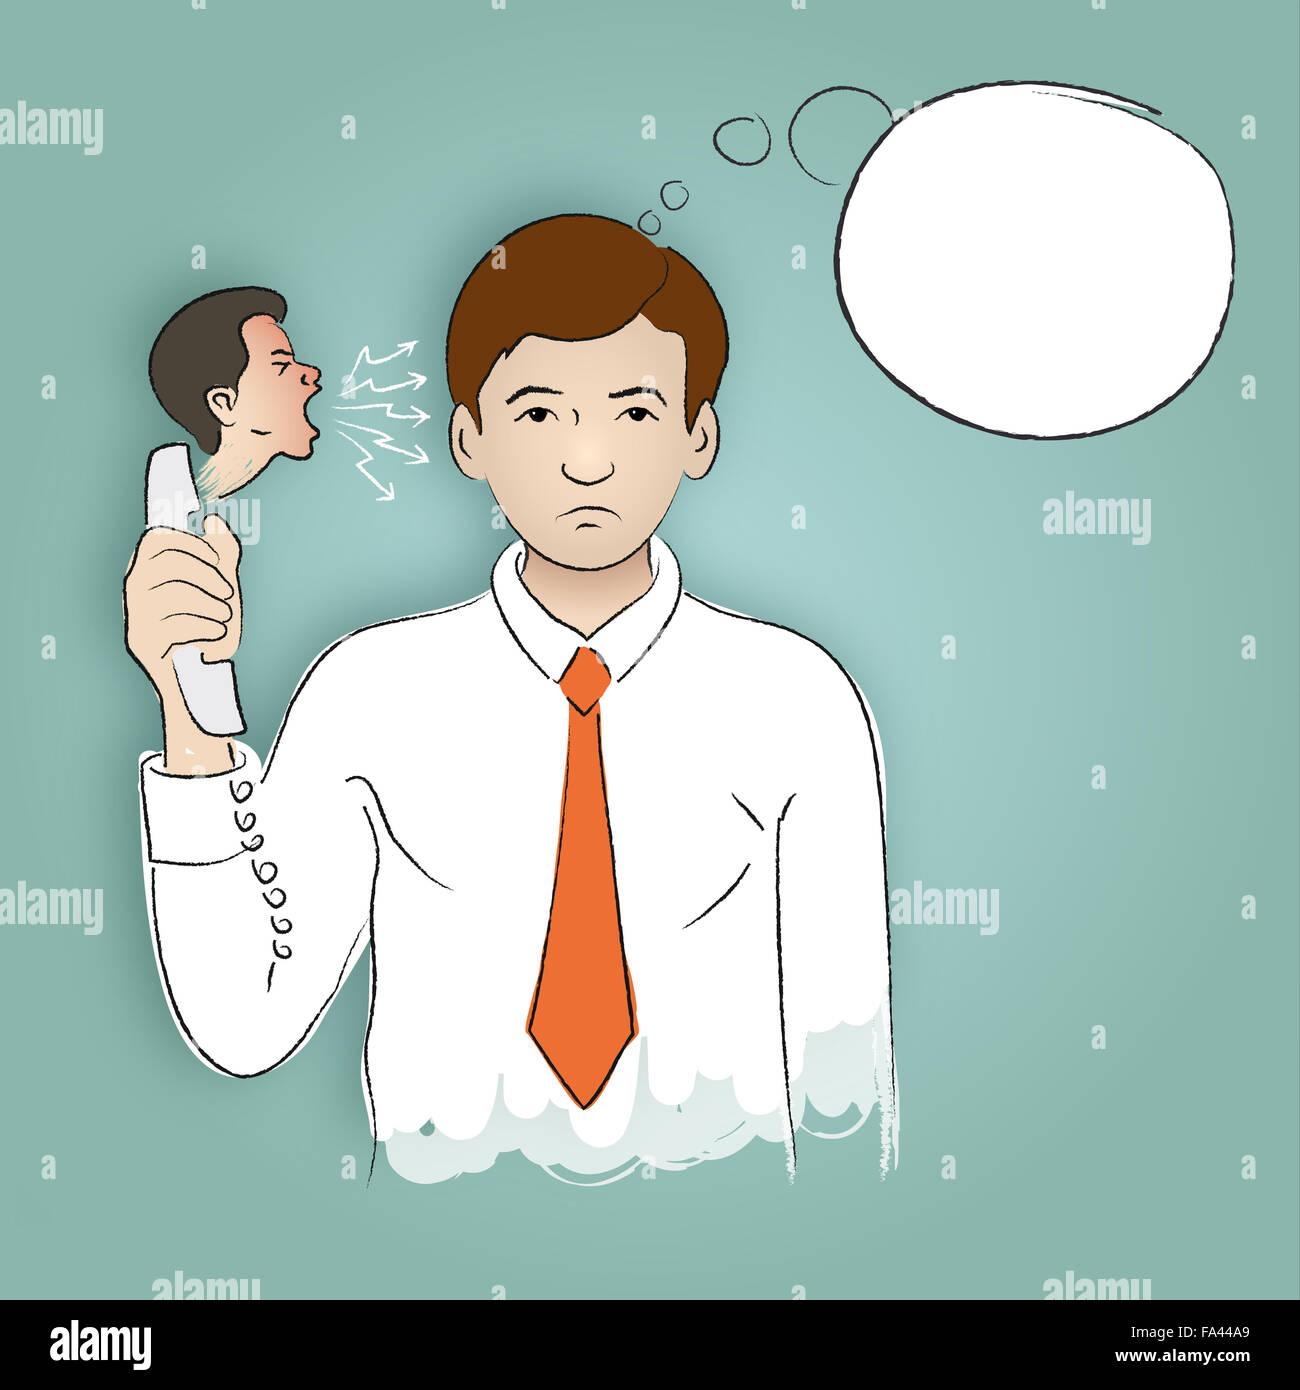 Dibujo a mano alzada que ilustran una tensa llamada telefónica, conversación entre el jefe y el subyacente, Imagen De Stock